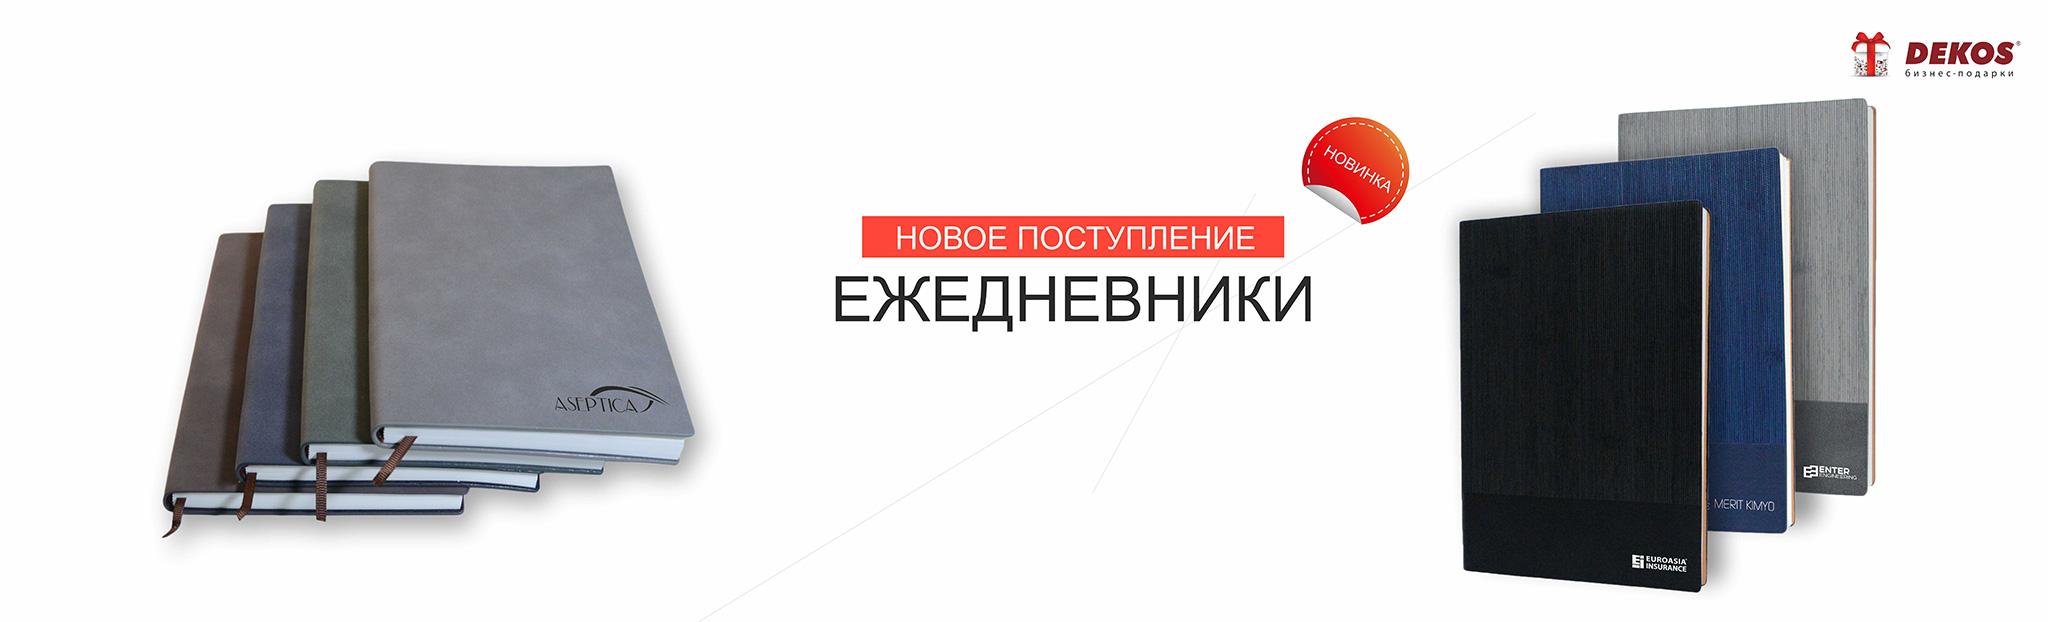 Новое поступление ежедневников!!!